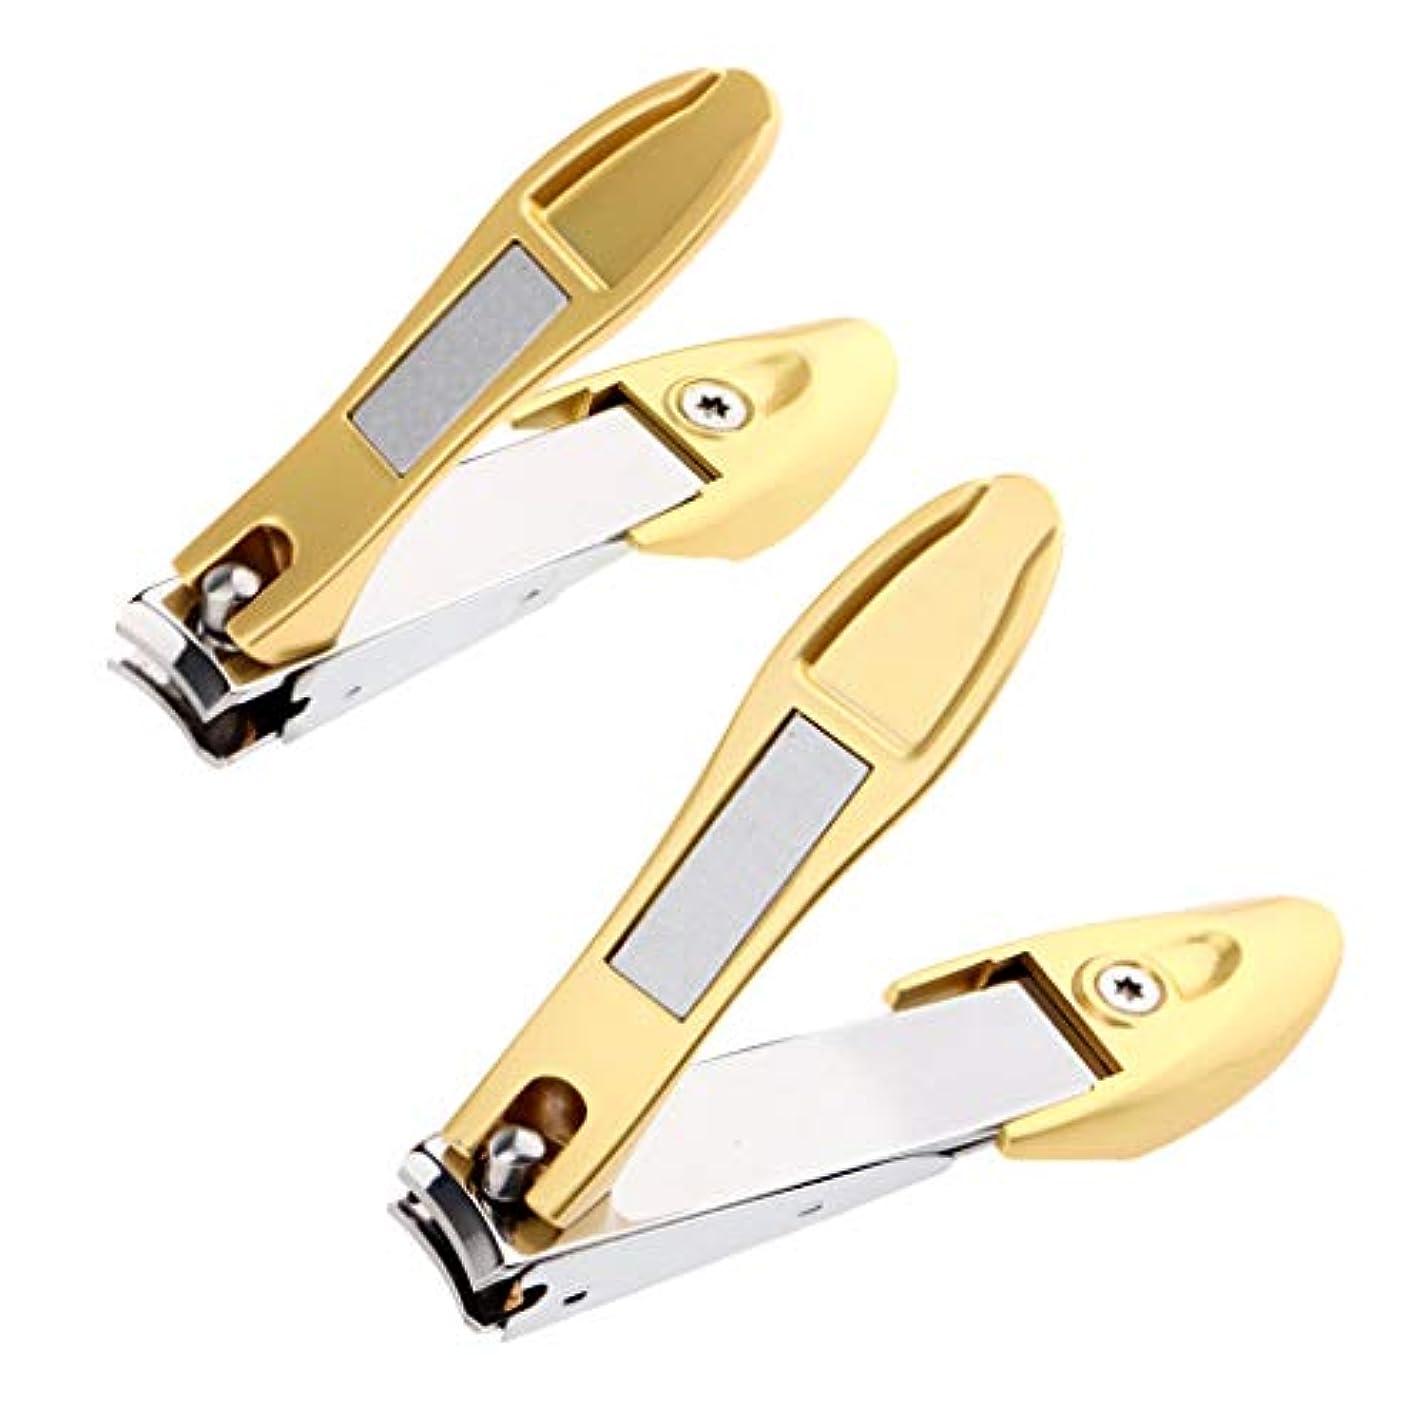 落ちたラリーベルモント状CUTICATE 爪切り つめきり ステンレス製 厚い爪/巻き爪 に最適切れ 飛び散り防止 携帯便利 2個入り